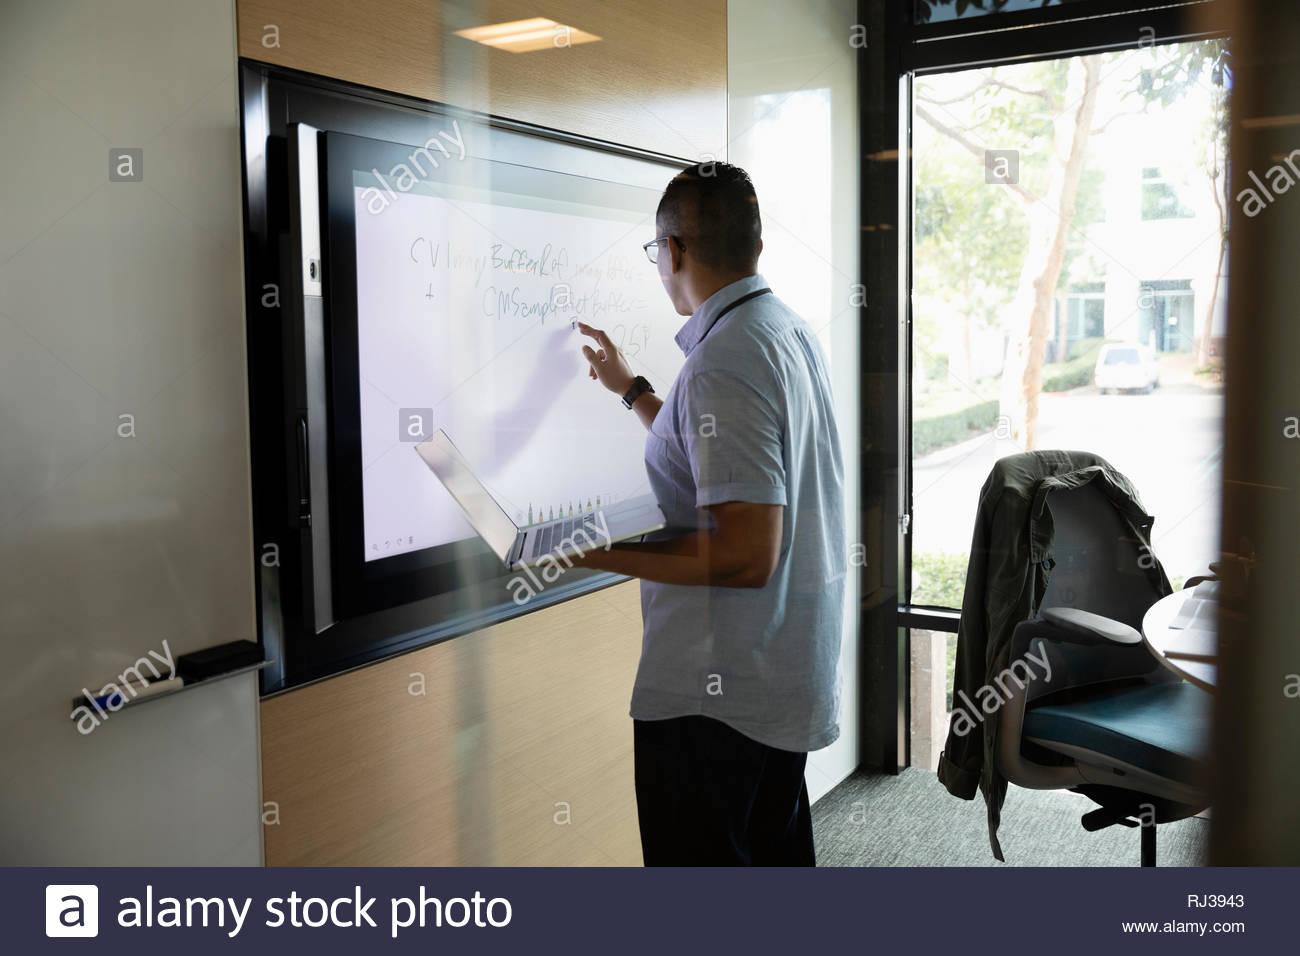 Portrait de la télévision à écran tactile dans la salle de conférence Photo Stock